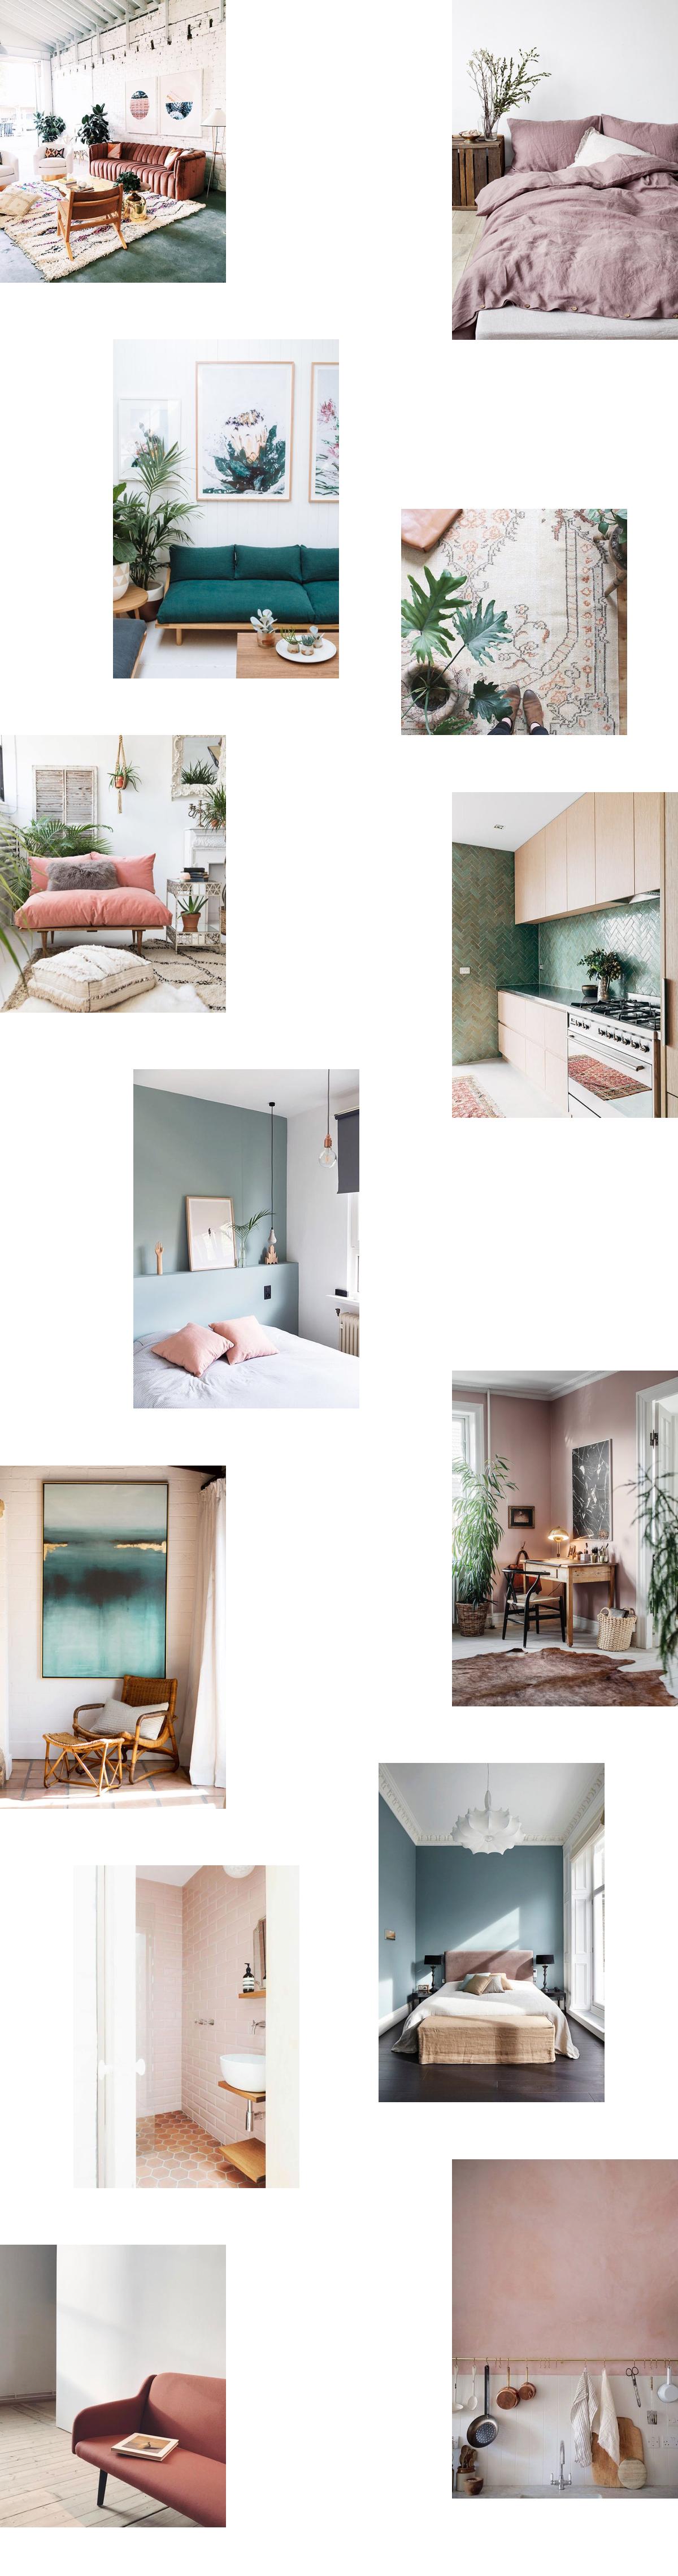 issue_2_pastel_interiors